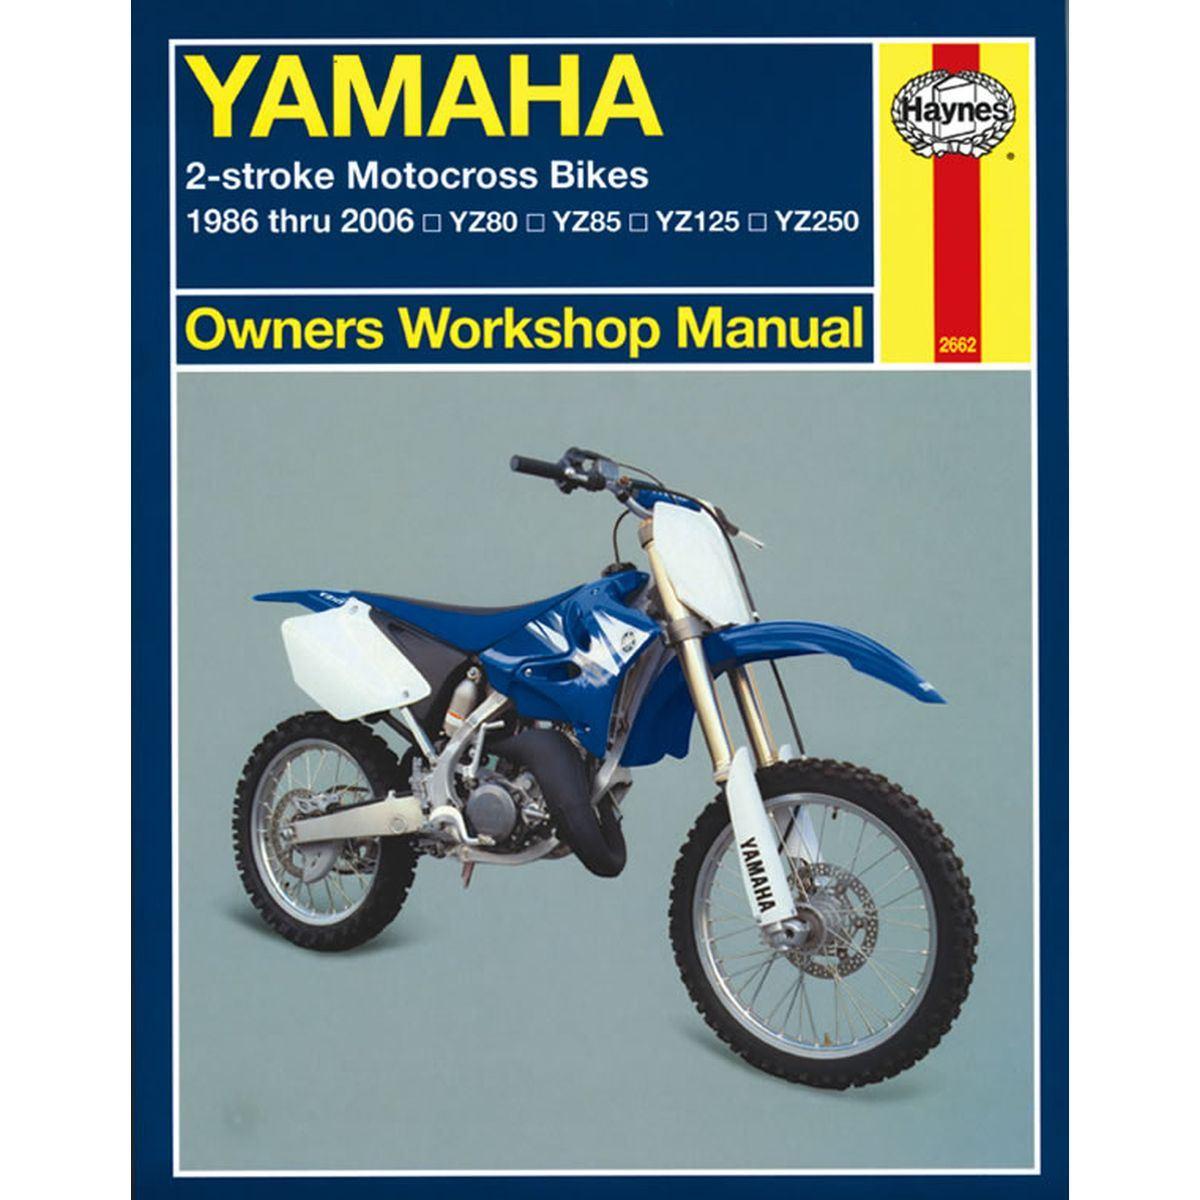 manual haynes for 2001 yamaha yz 125 n 5mv2 2t ebay rh ebay co uk yamaha yz125 owners manual pdf 2000 yamaha yz125 owners manual